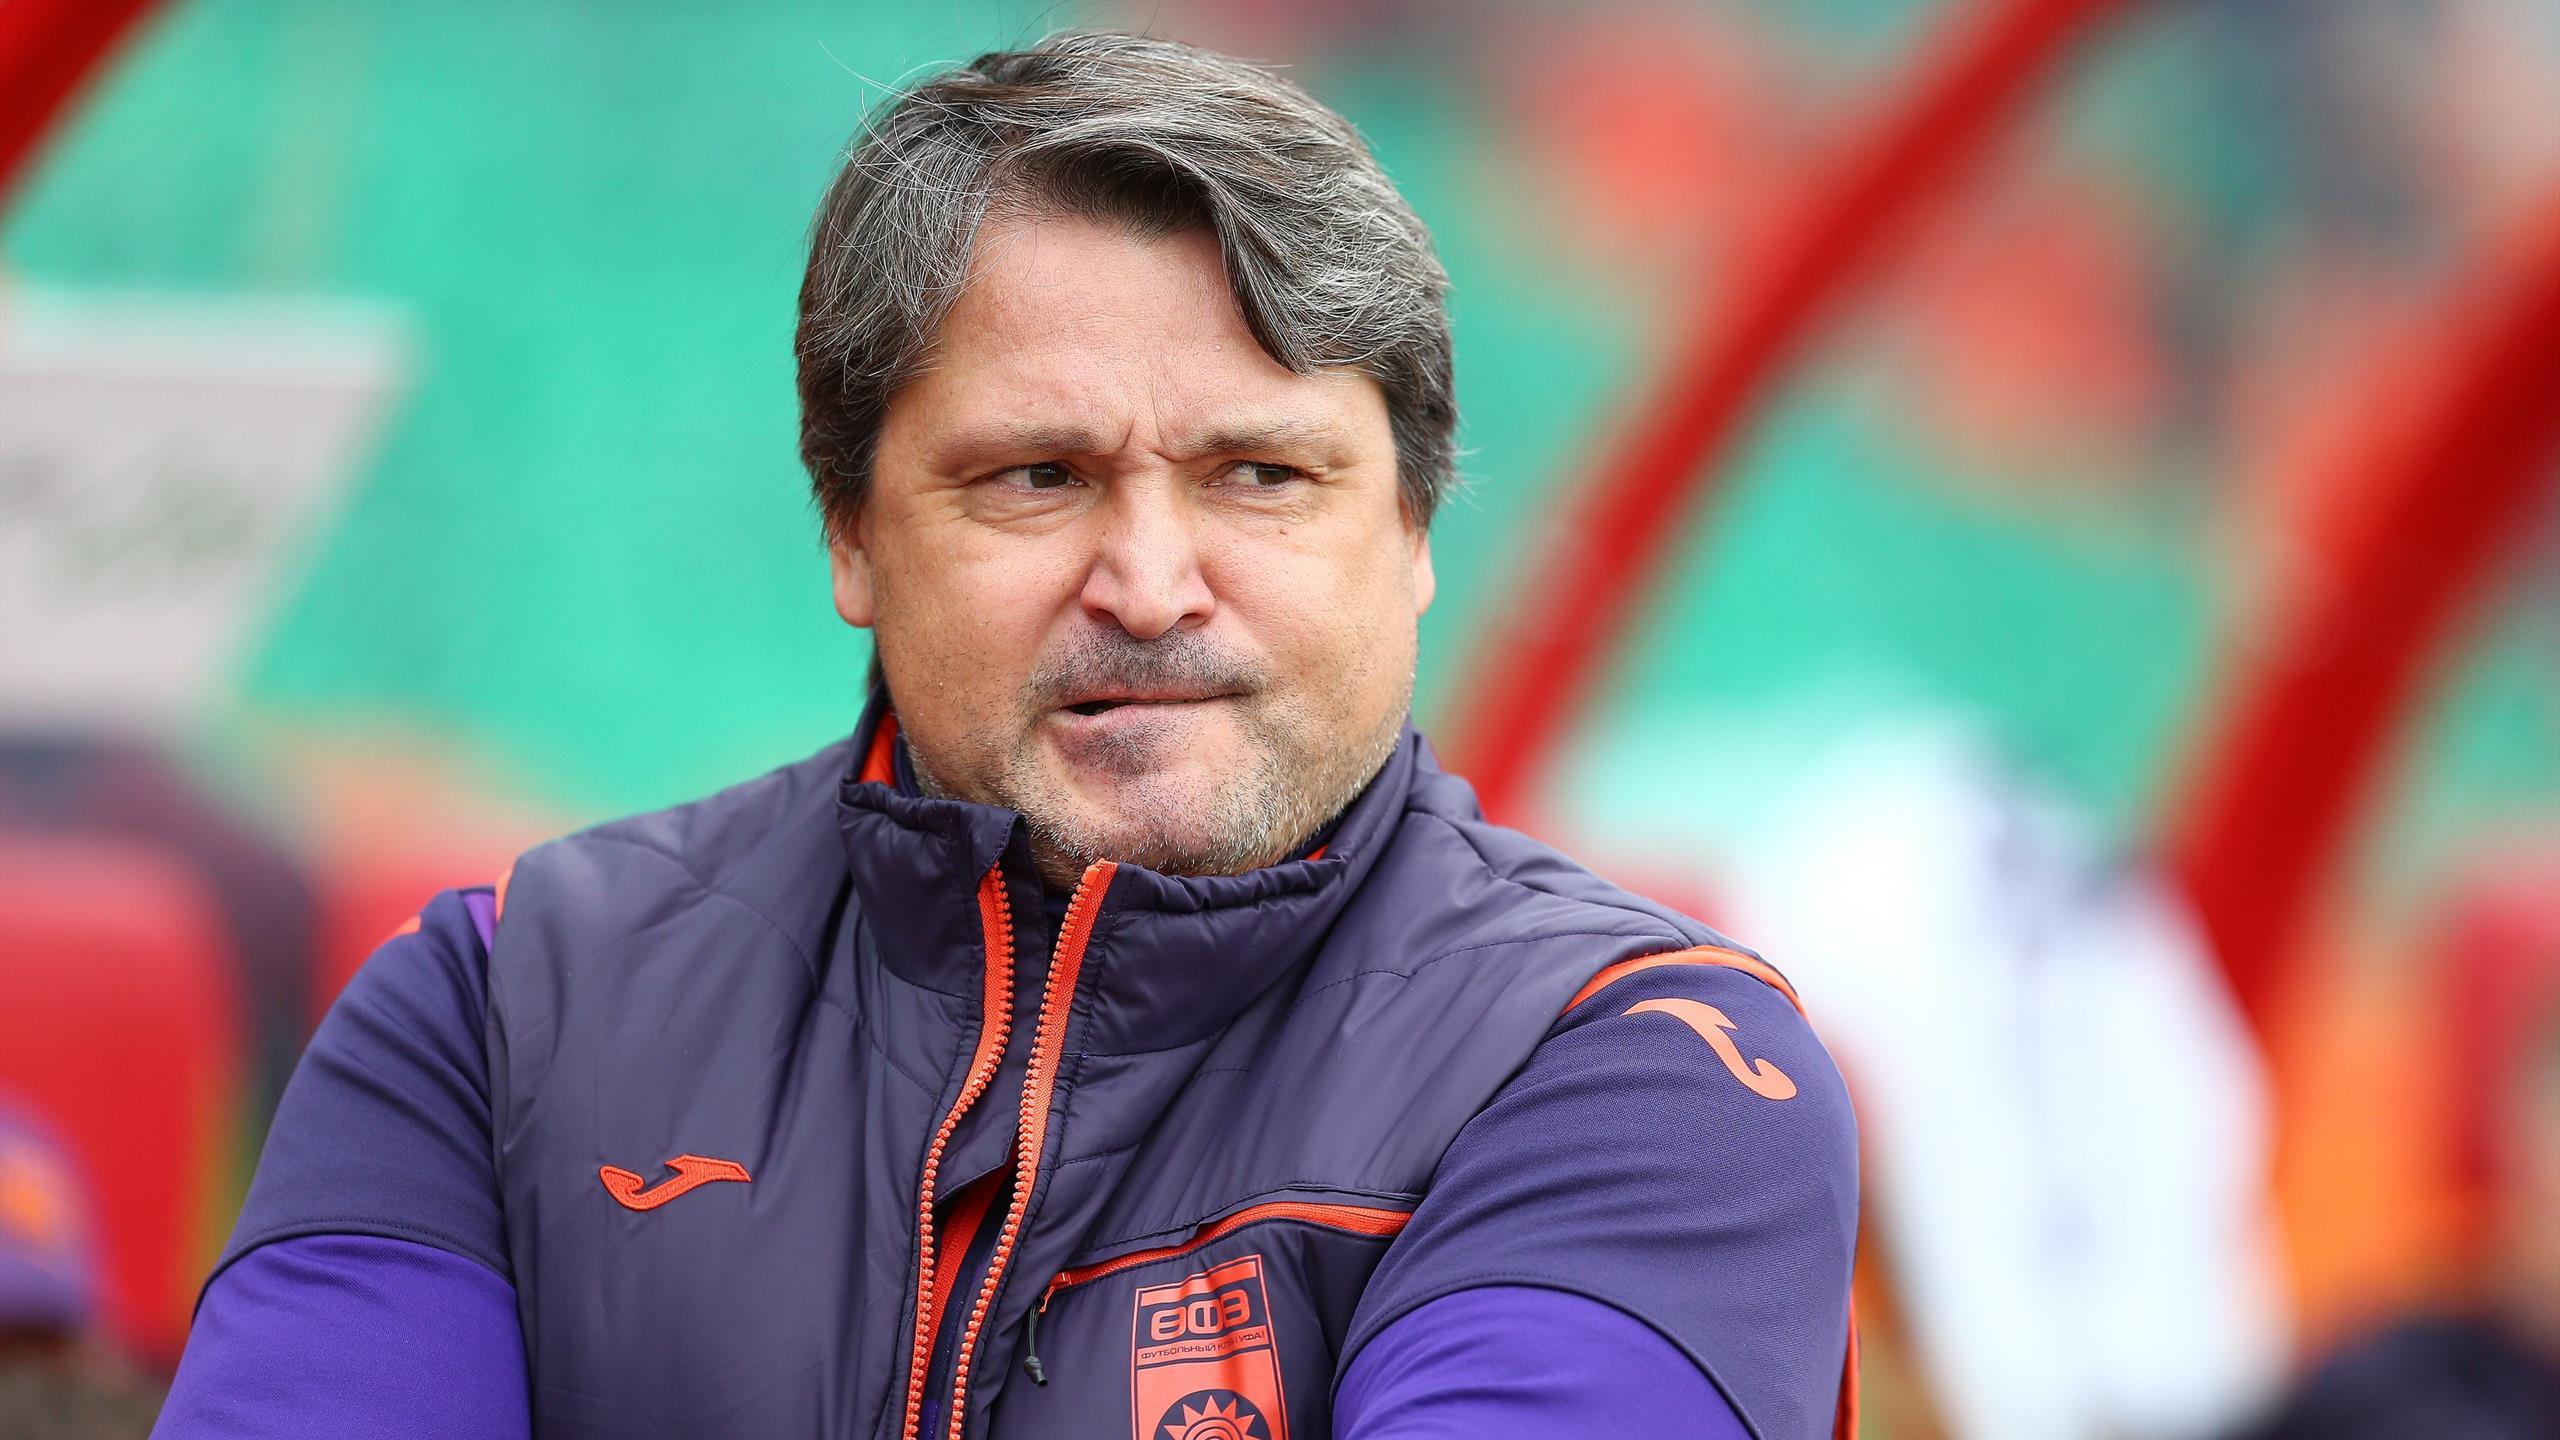 Вадим Евсеев – о своей кандидатуре на пост главного тренера молодежной сборной: Я об этом ничего не знаю - фото